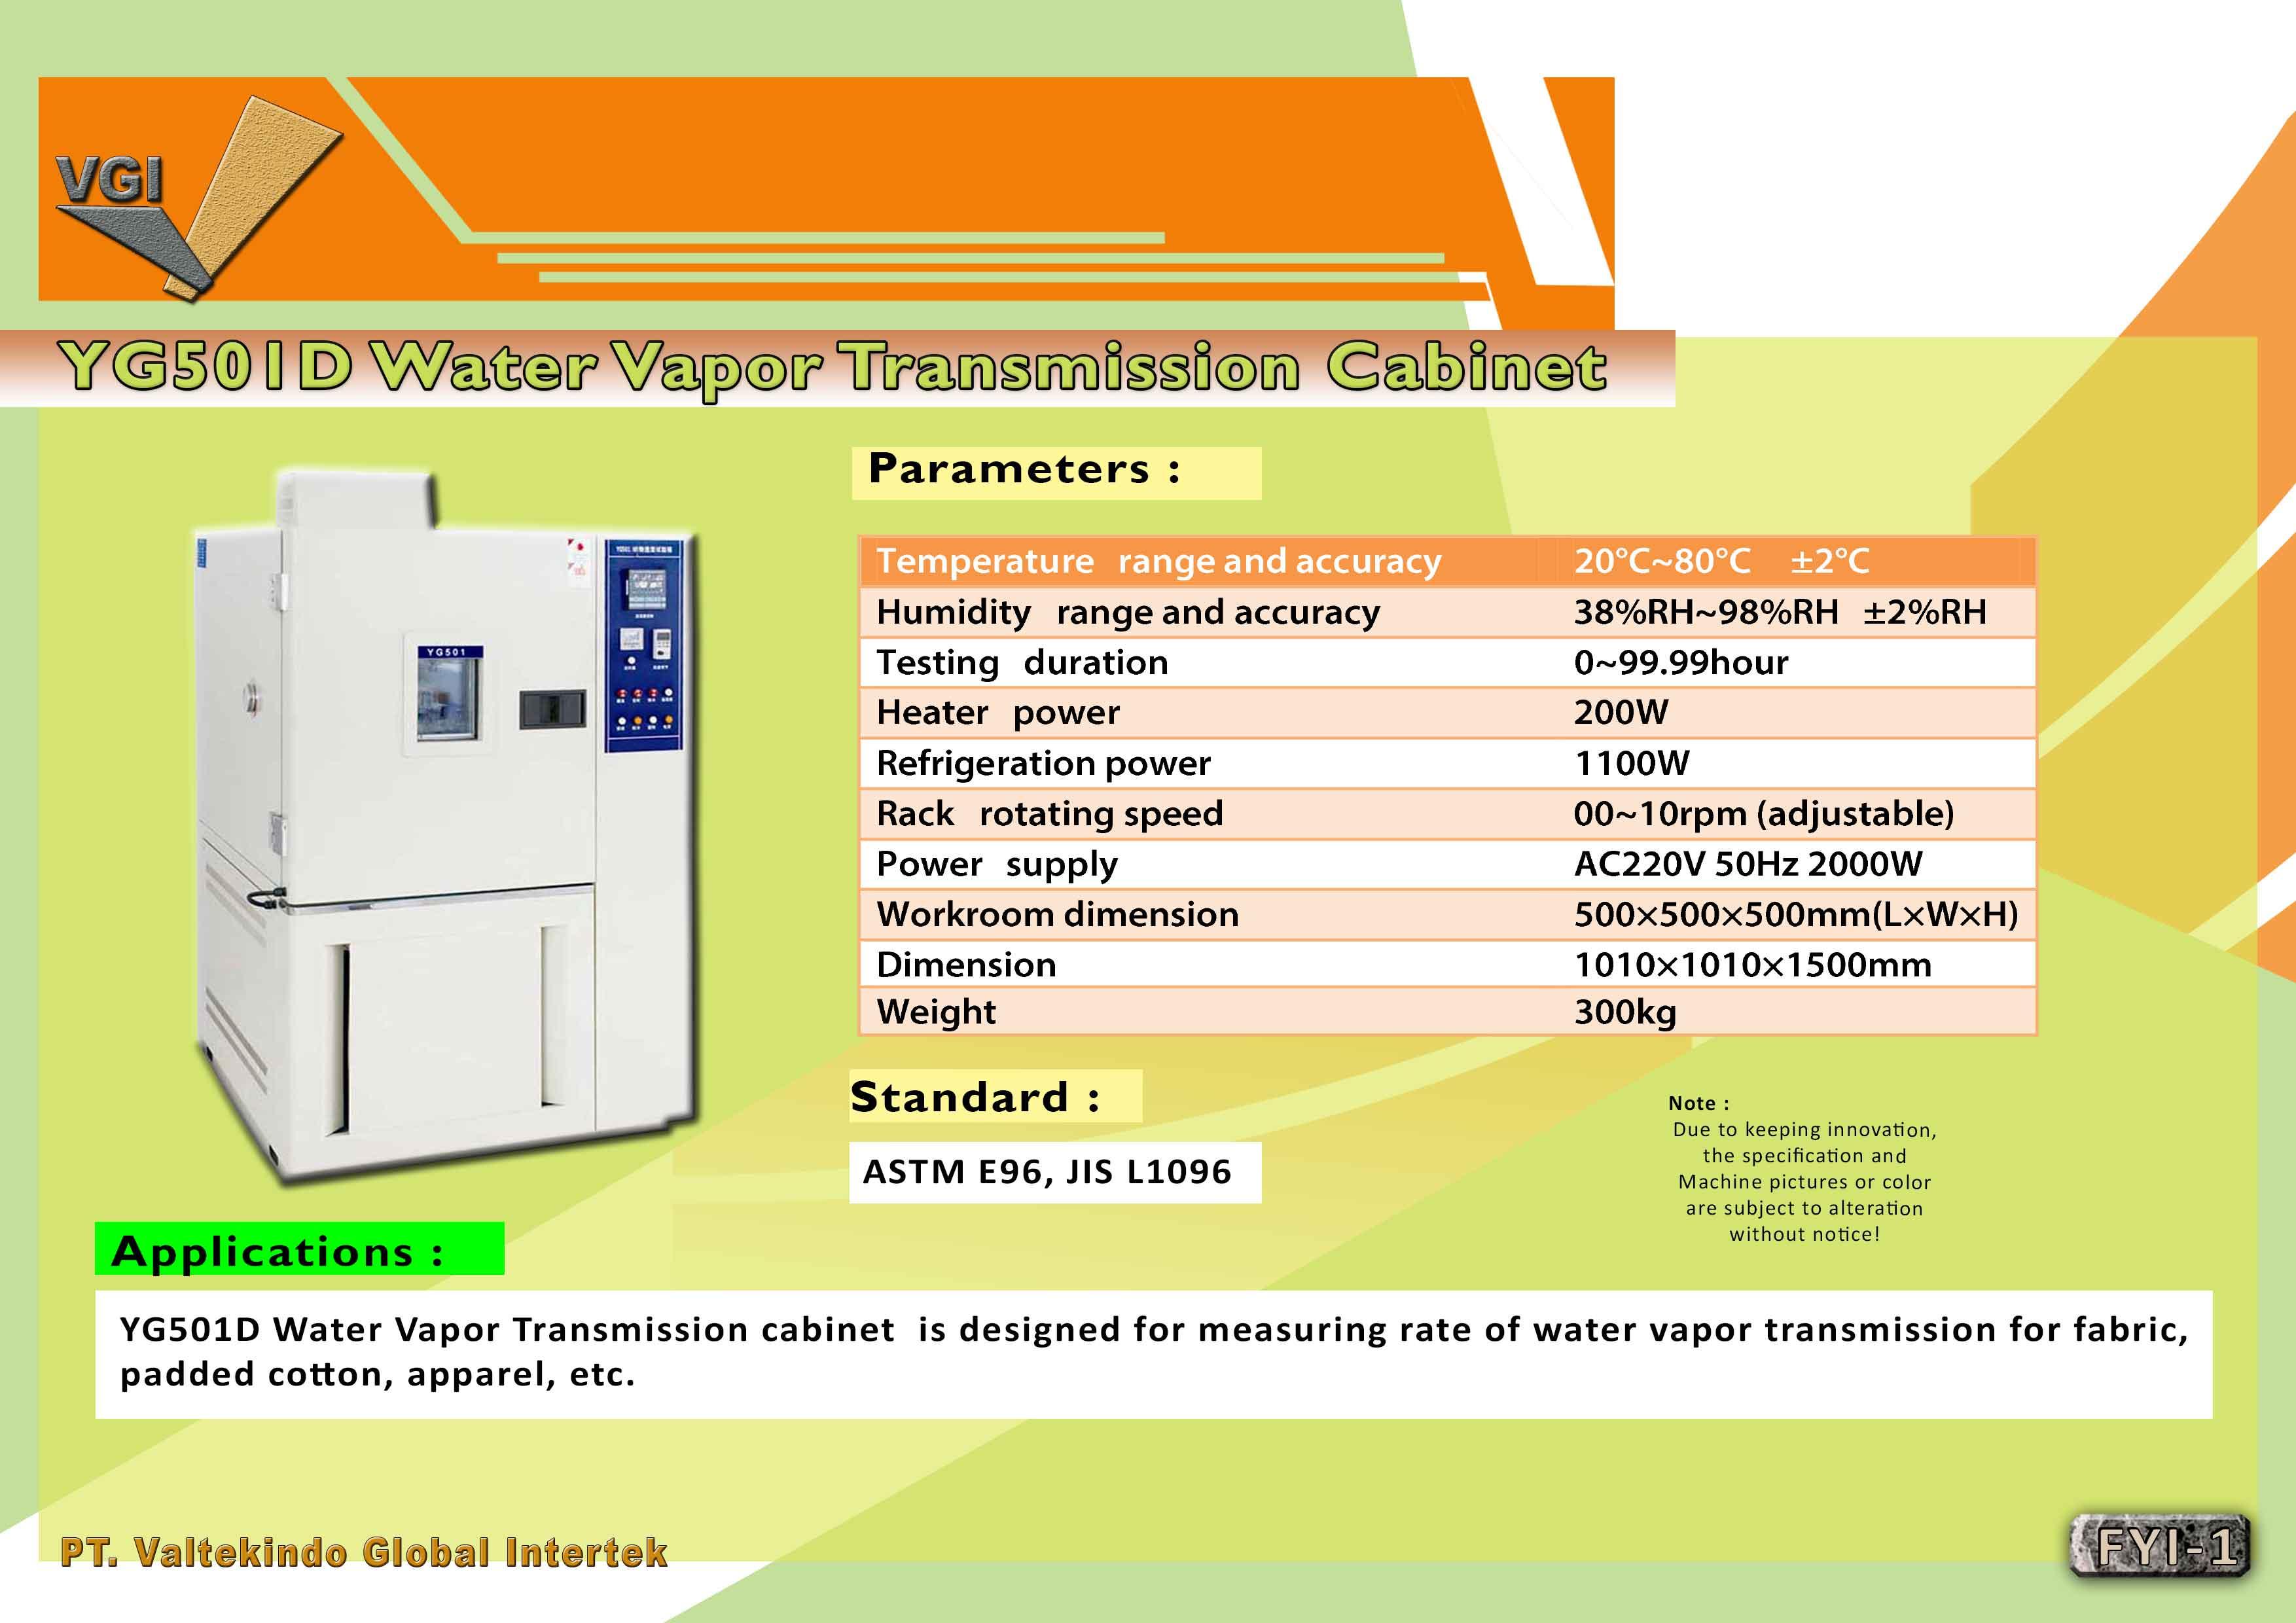 jual mesin, harga mesin, distributor mesin, jual mesin karet, daur ulang plastik Water Vapor Transmission Cabinet  Water Vapor Transmission Cabinet